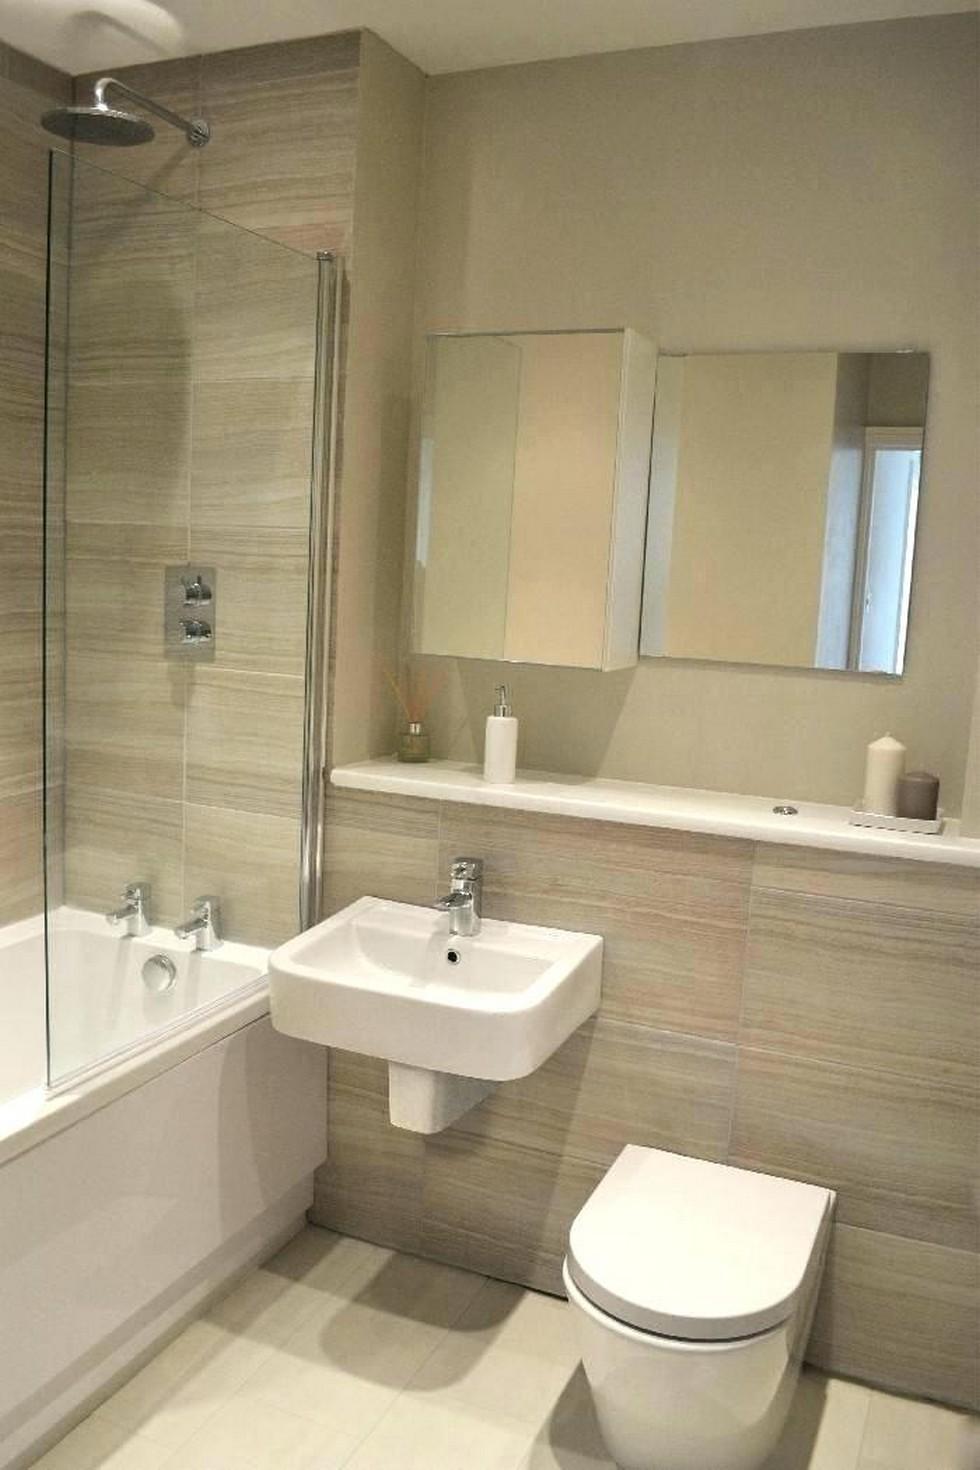 Smashing Decor Idea of Toilet - Mindblowing!!